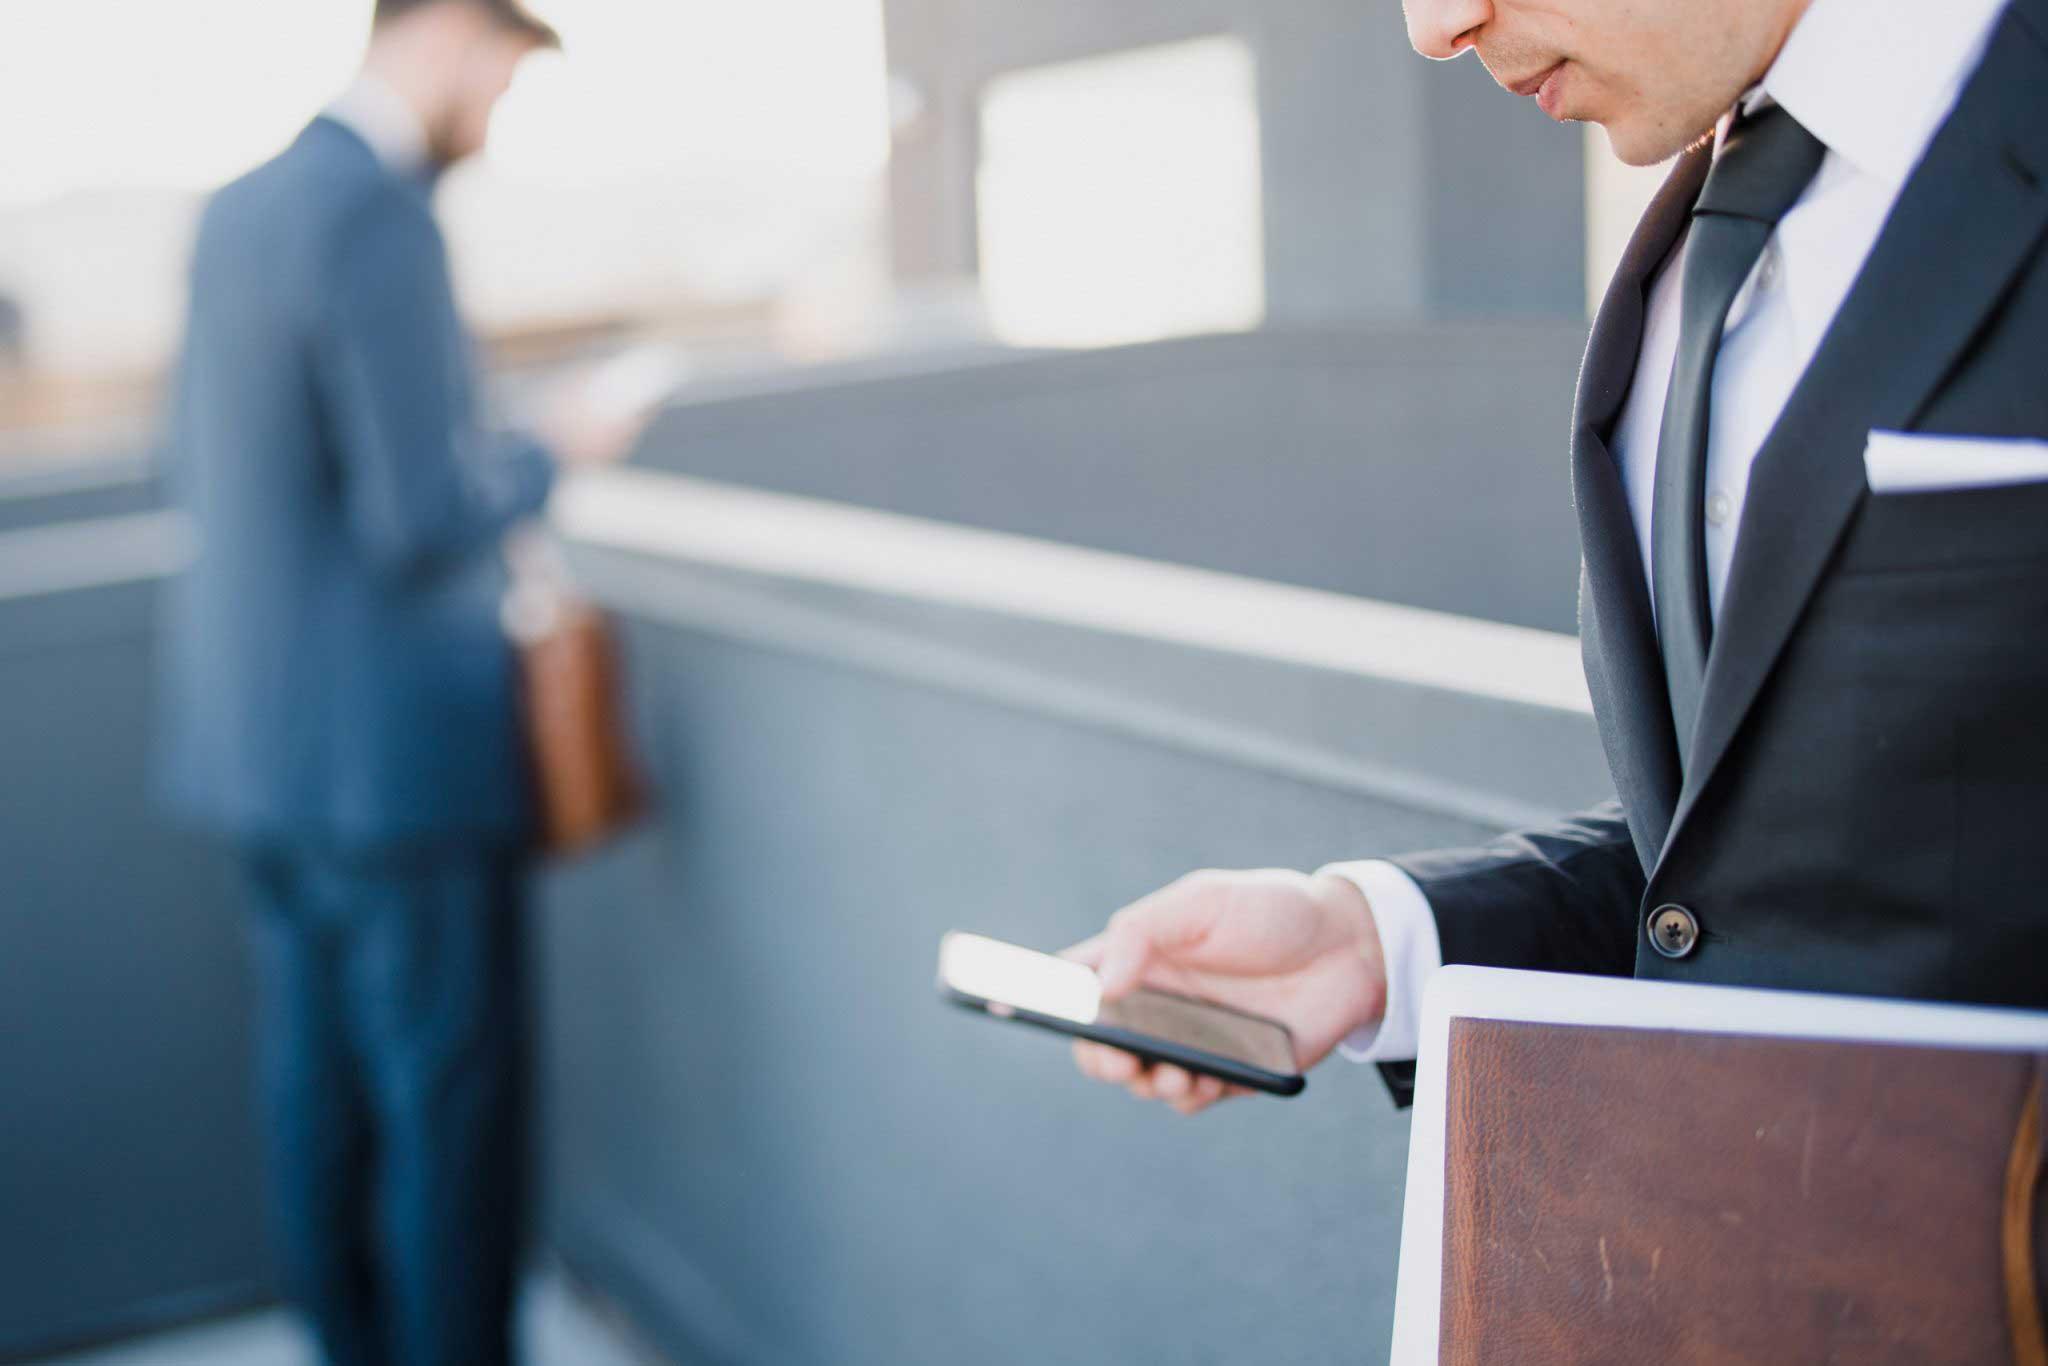 עורך דין לדיני עבודה בחיפה בדיקות תלושי שכר